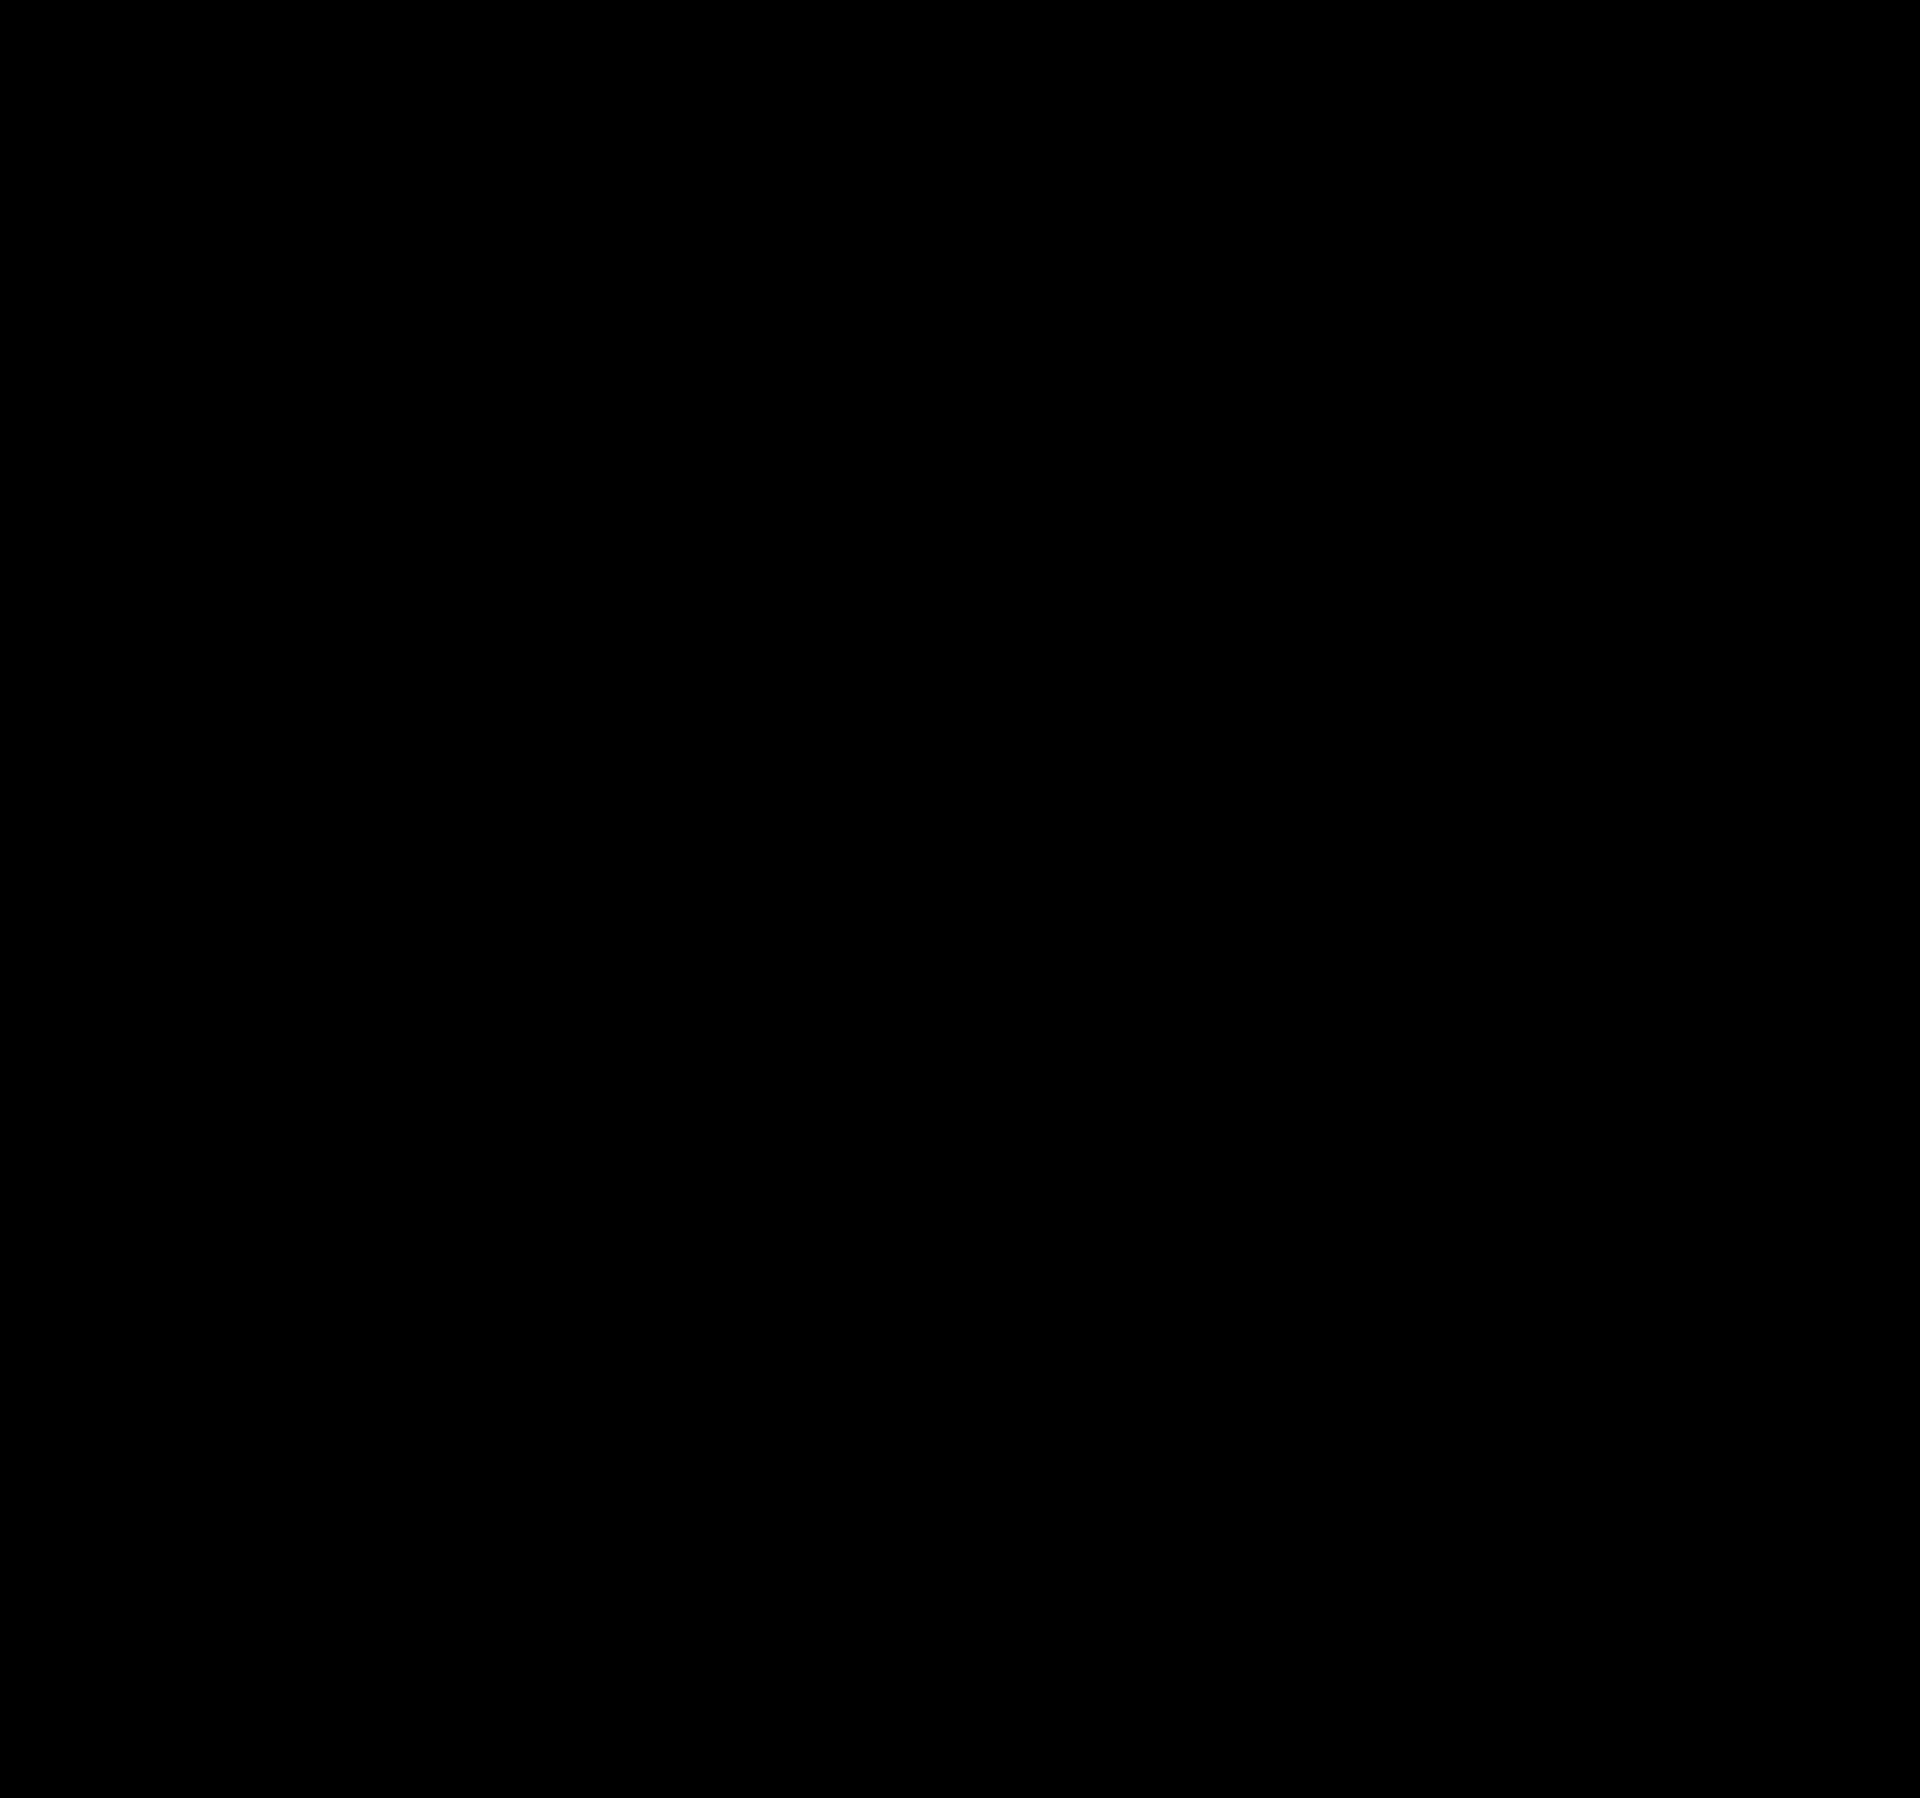 Västerviks gymnastikförenings årliga uppvisning